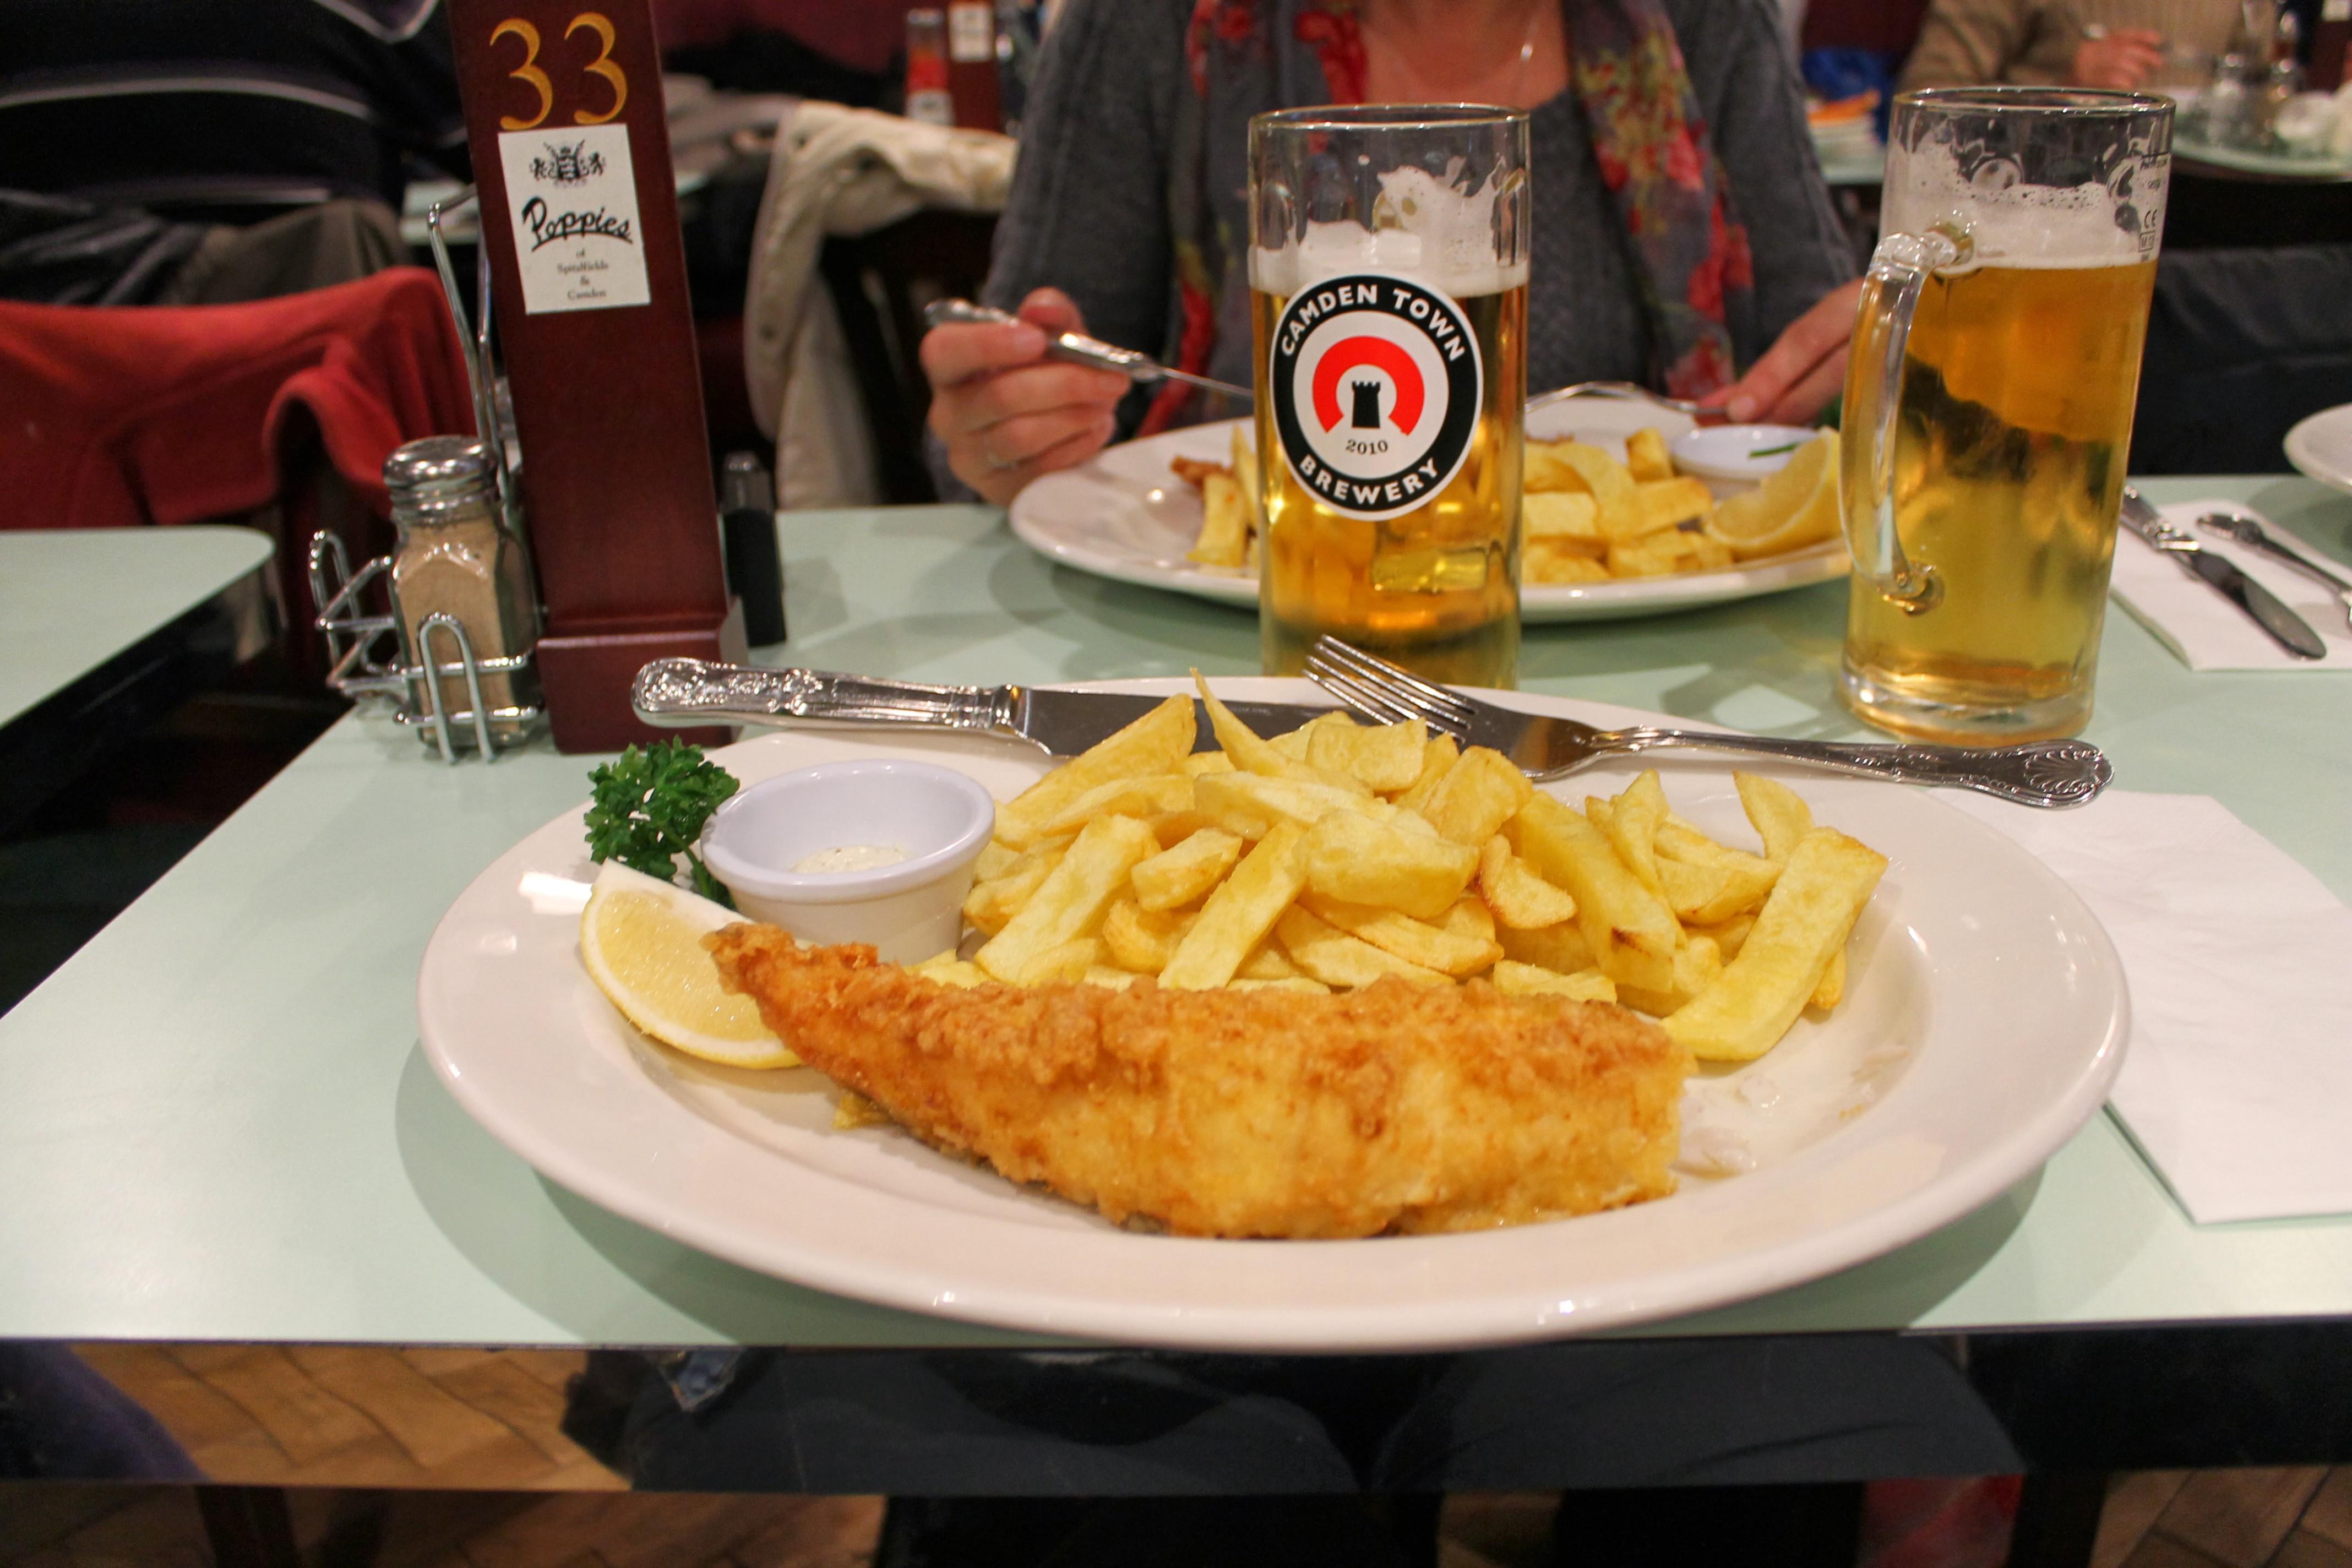 Manger un fish & chips Londres - Camden Town - En moins de deux